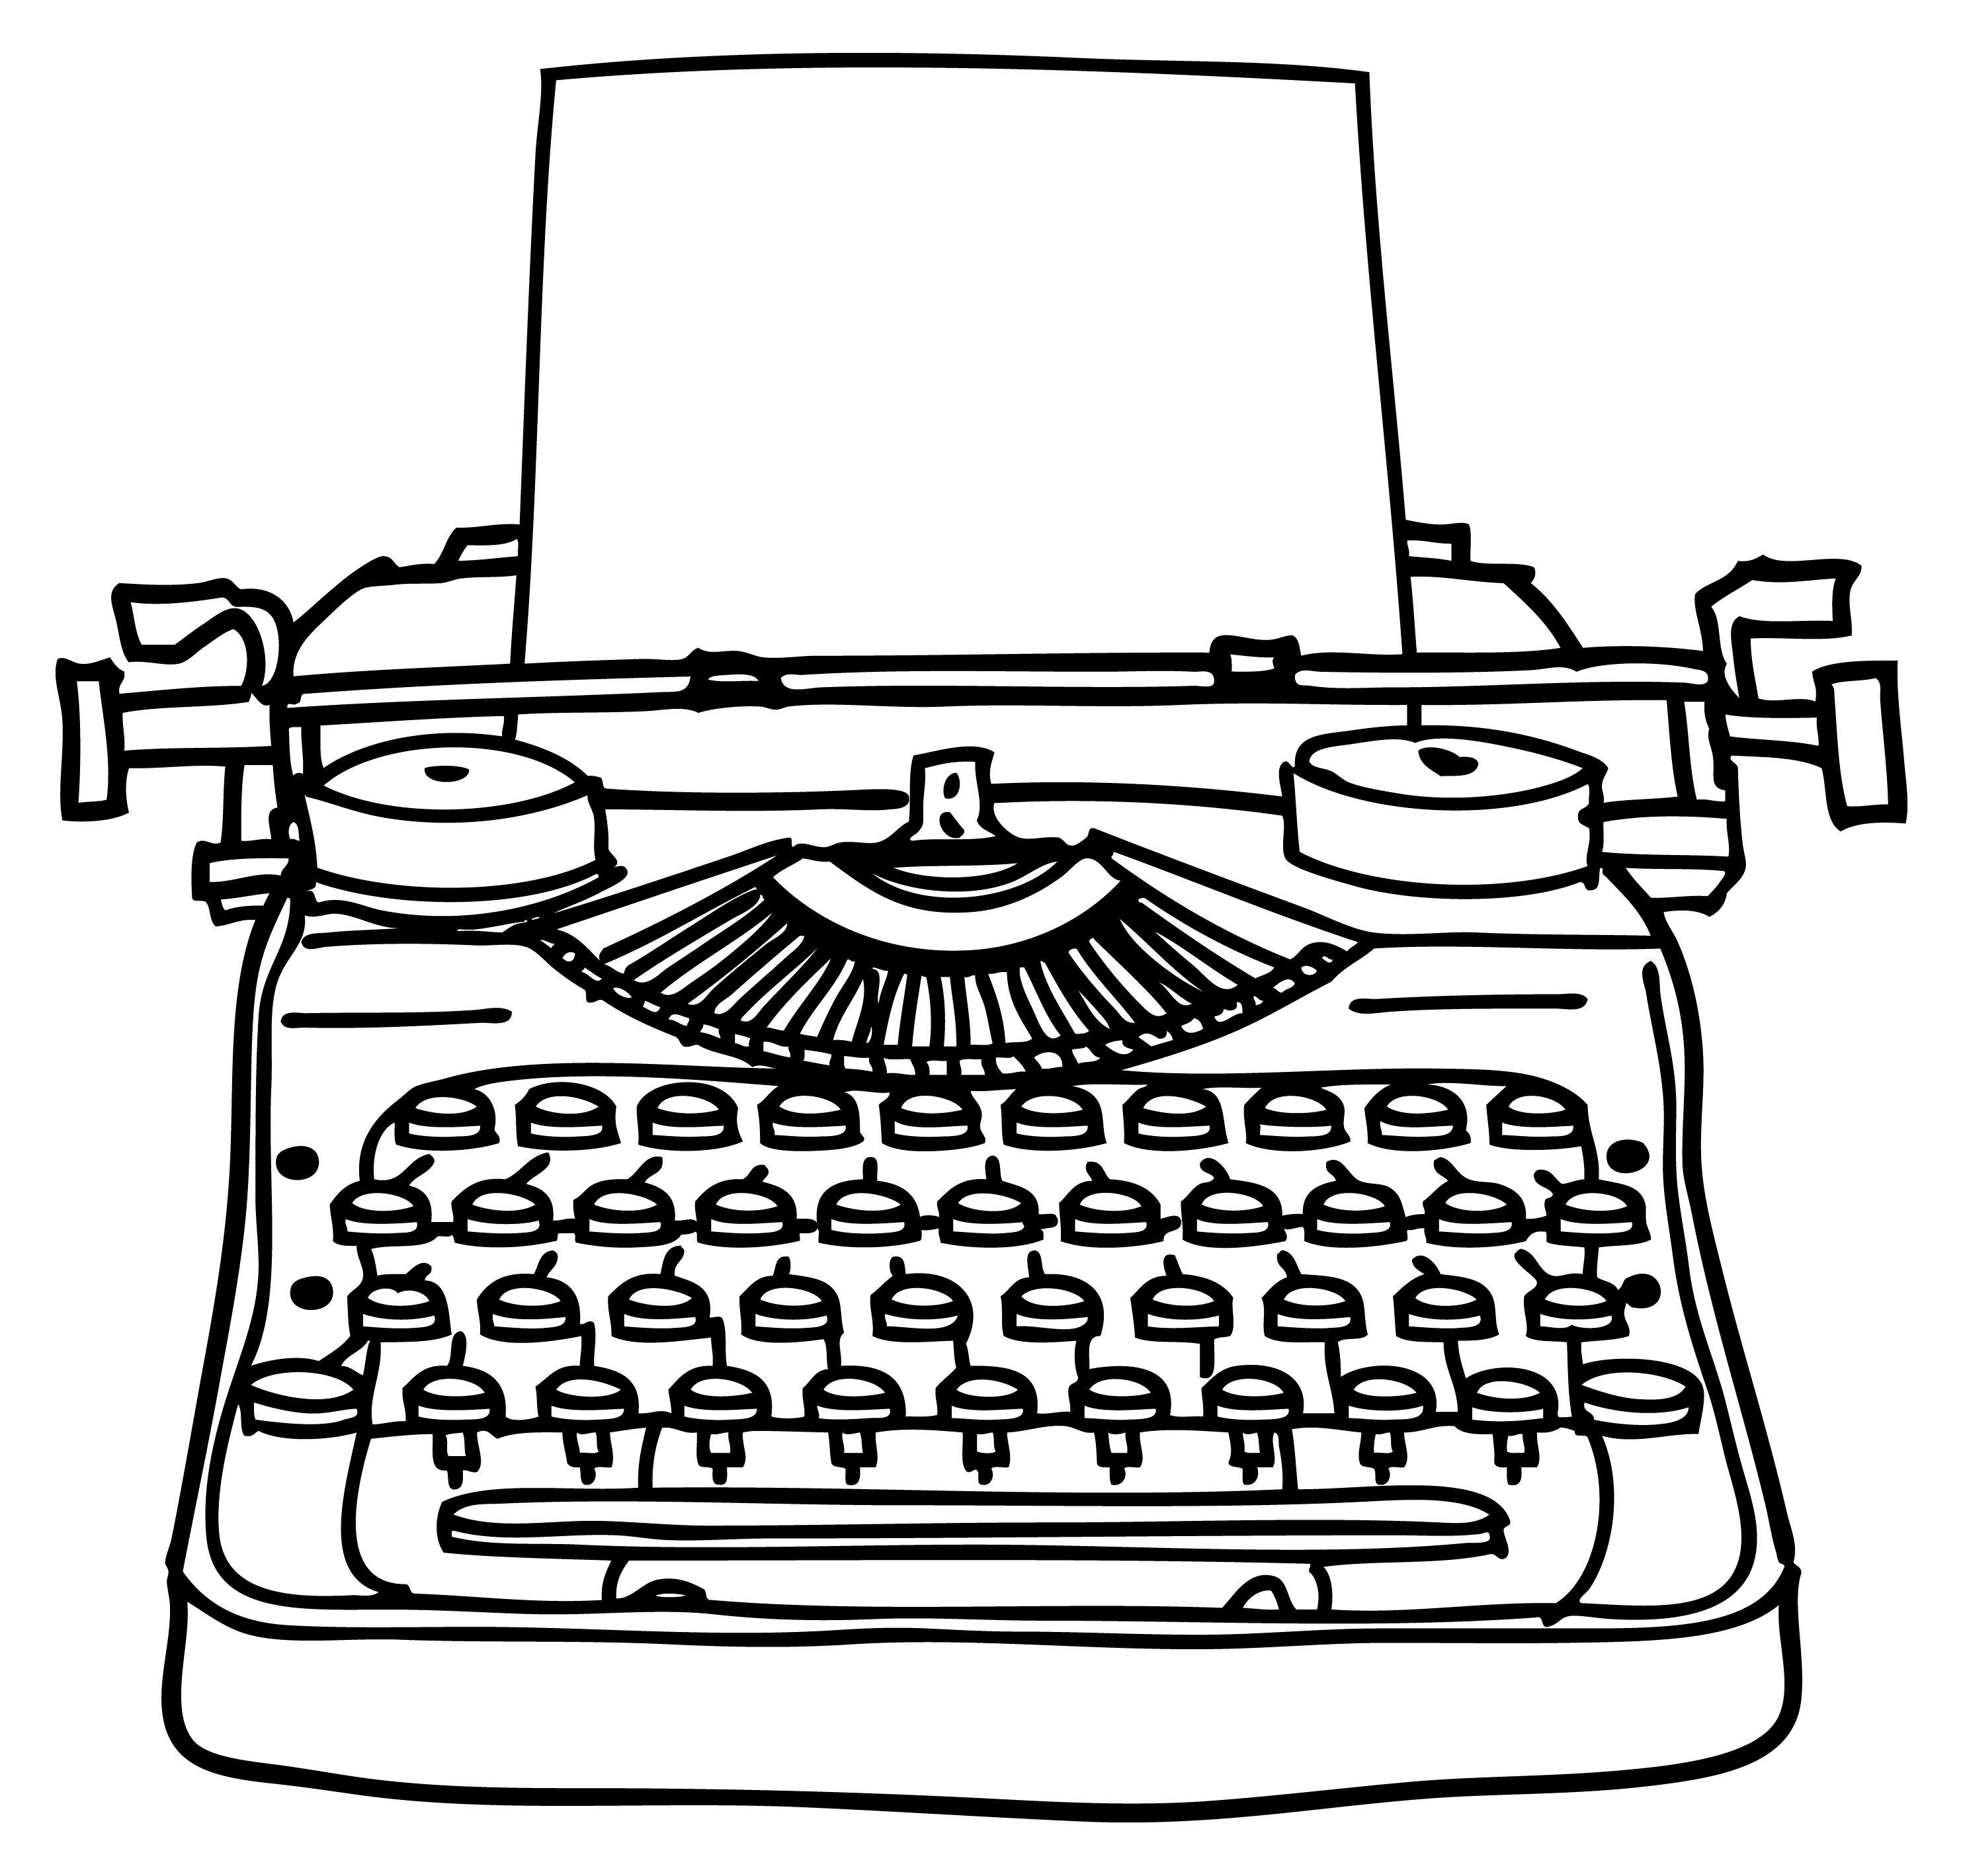 old typewriter clip art google search typewriter keys rh pinterest com typewriter clipart black and white typewriter image clipart